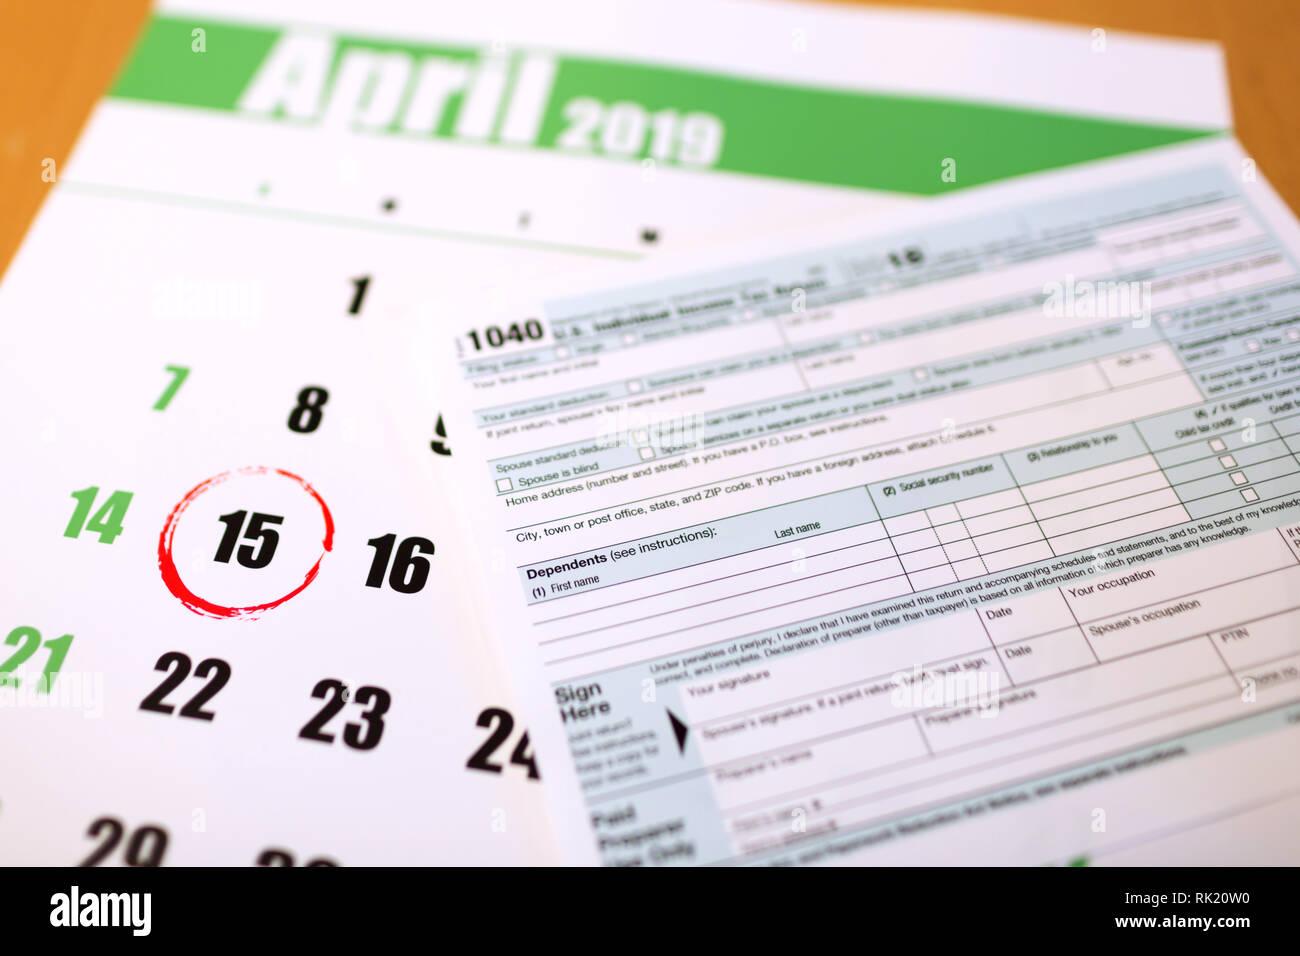 Imposta Calendario.Calendario 2019 Con 1040 Imposta Sul Reddito Modulo Per Il